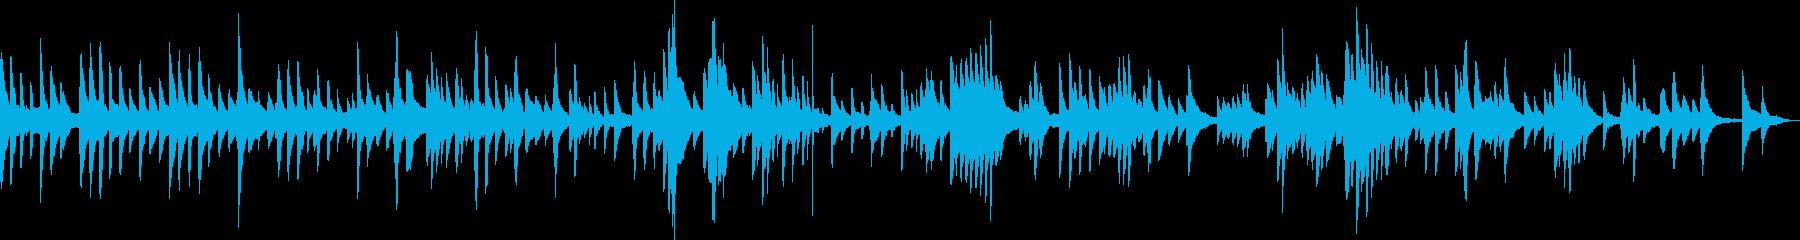 悲しげなシーンで活きるソロピアノBGMの再生済みの波形